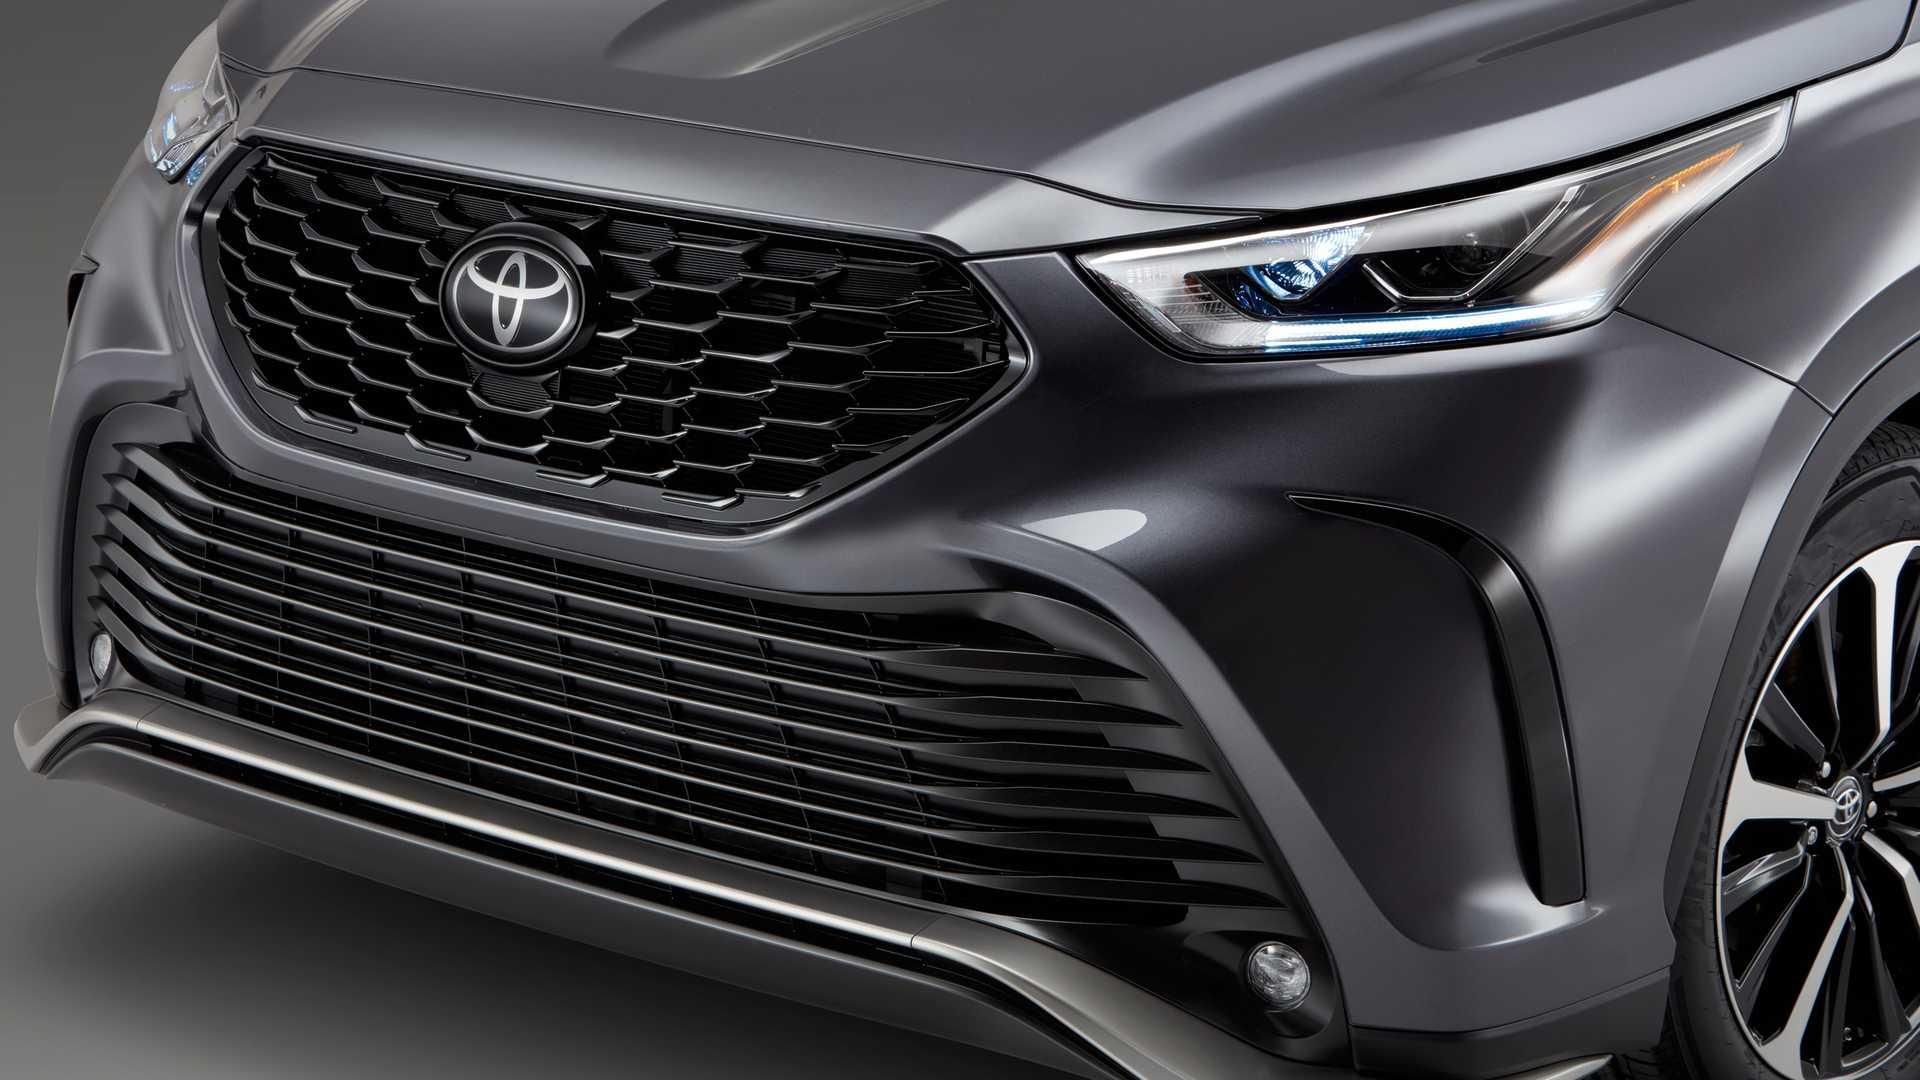 Toyota Highlander XSE 2021 hoàn toàn mới, đậm chất thể thao - 8